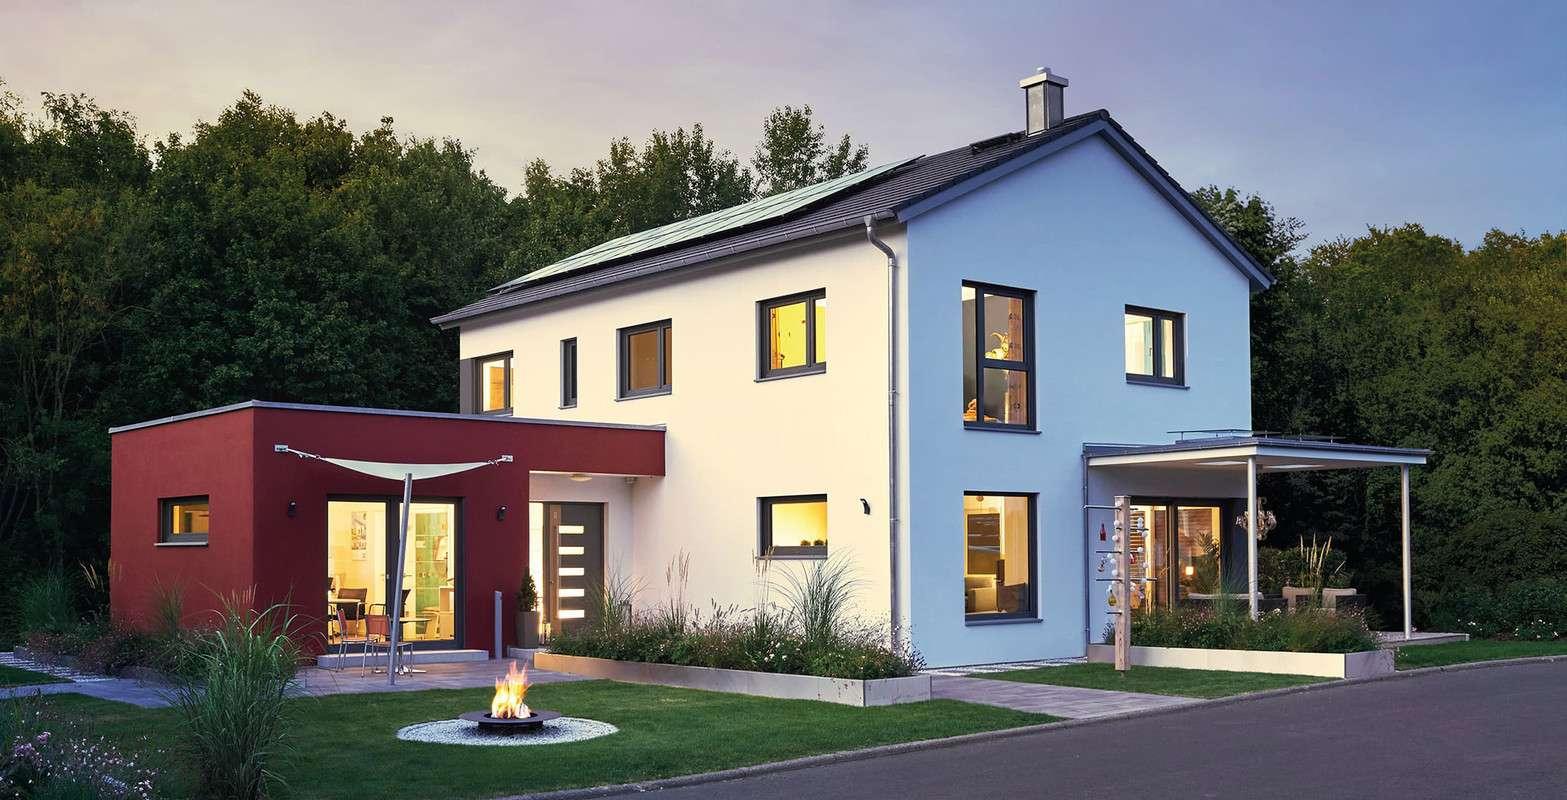 Musterhaus 'Variant 169' in Bad Vilbel